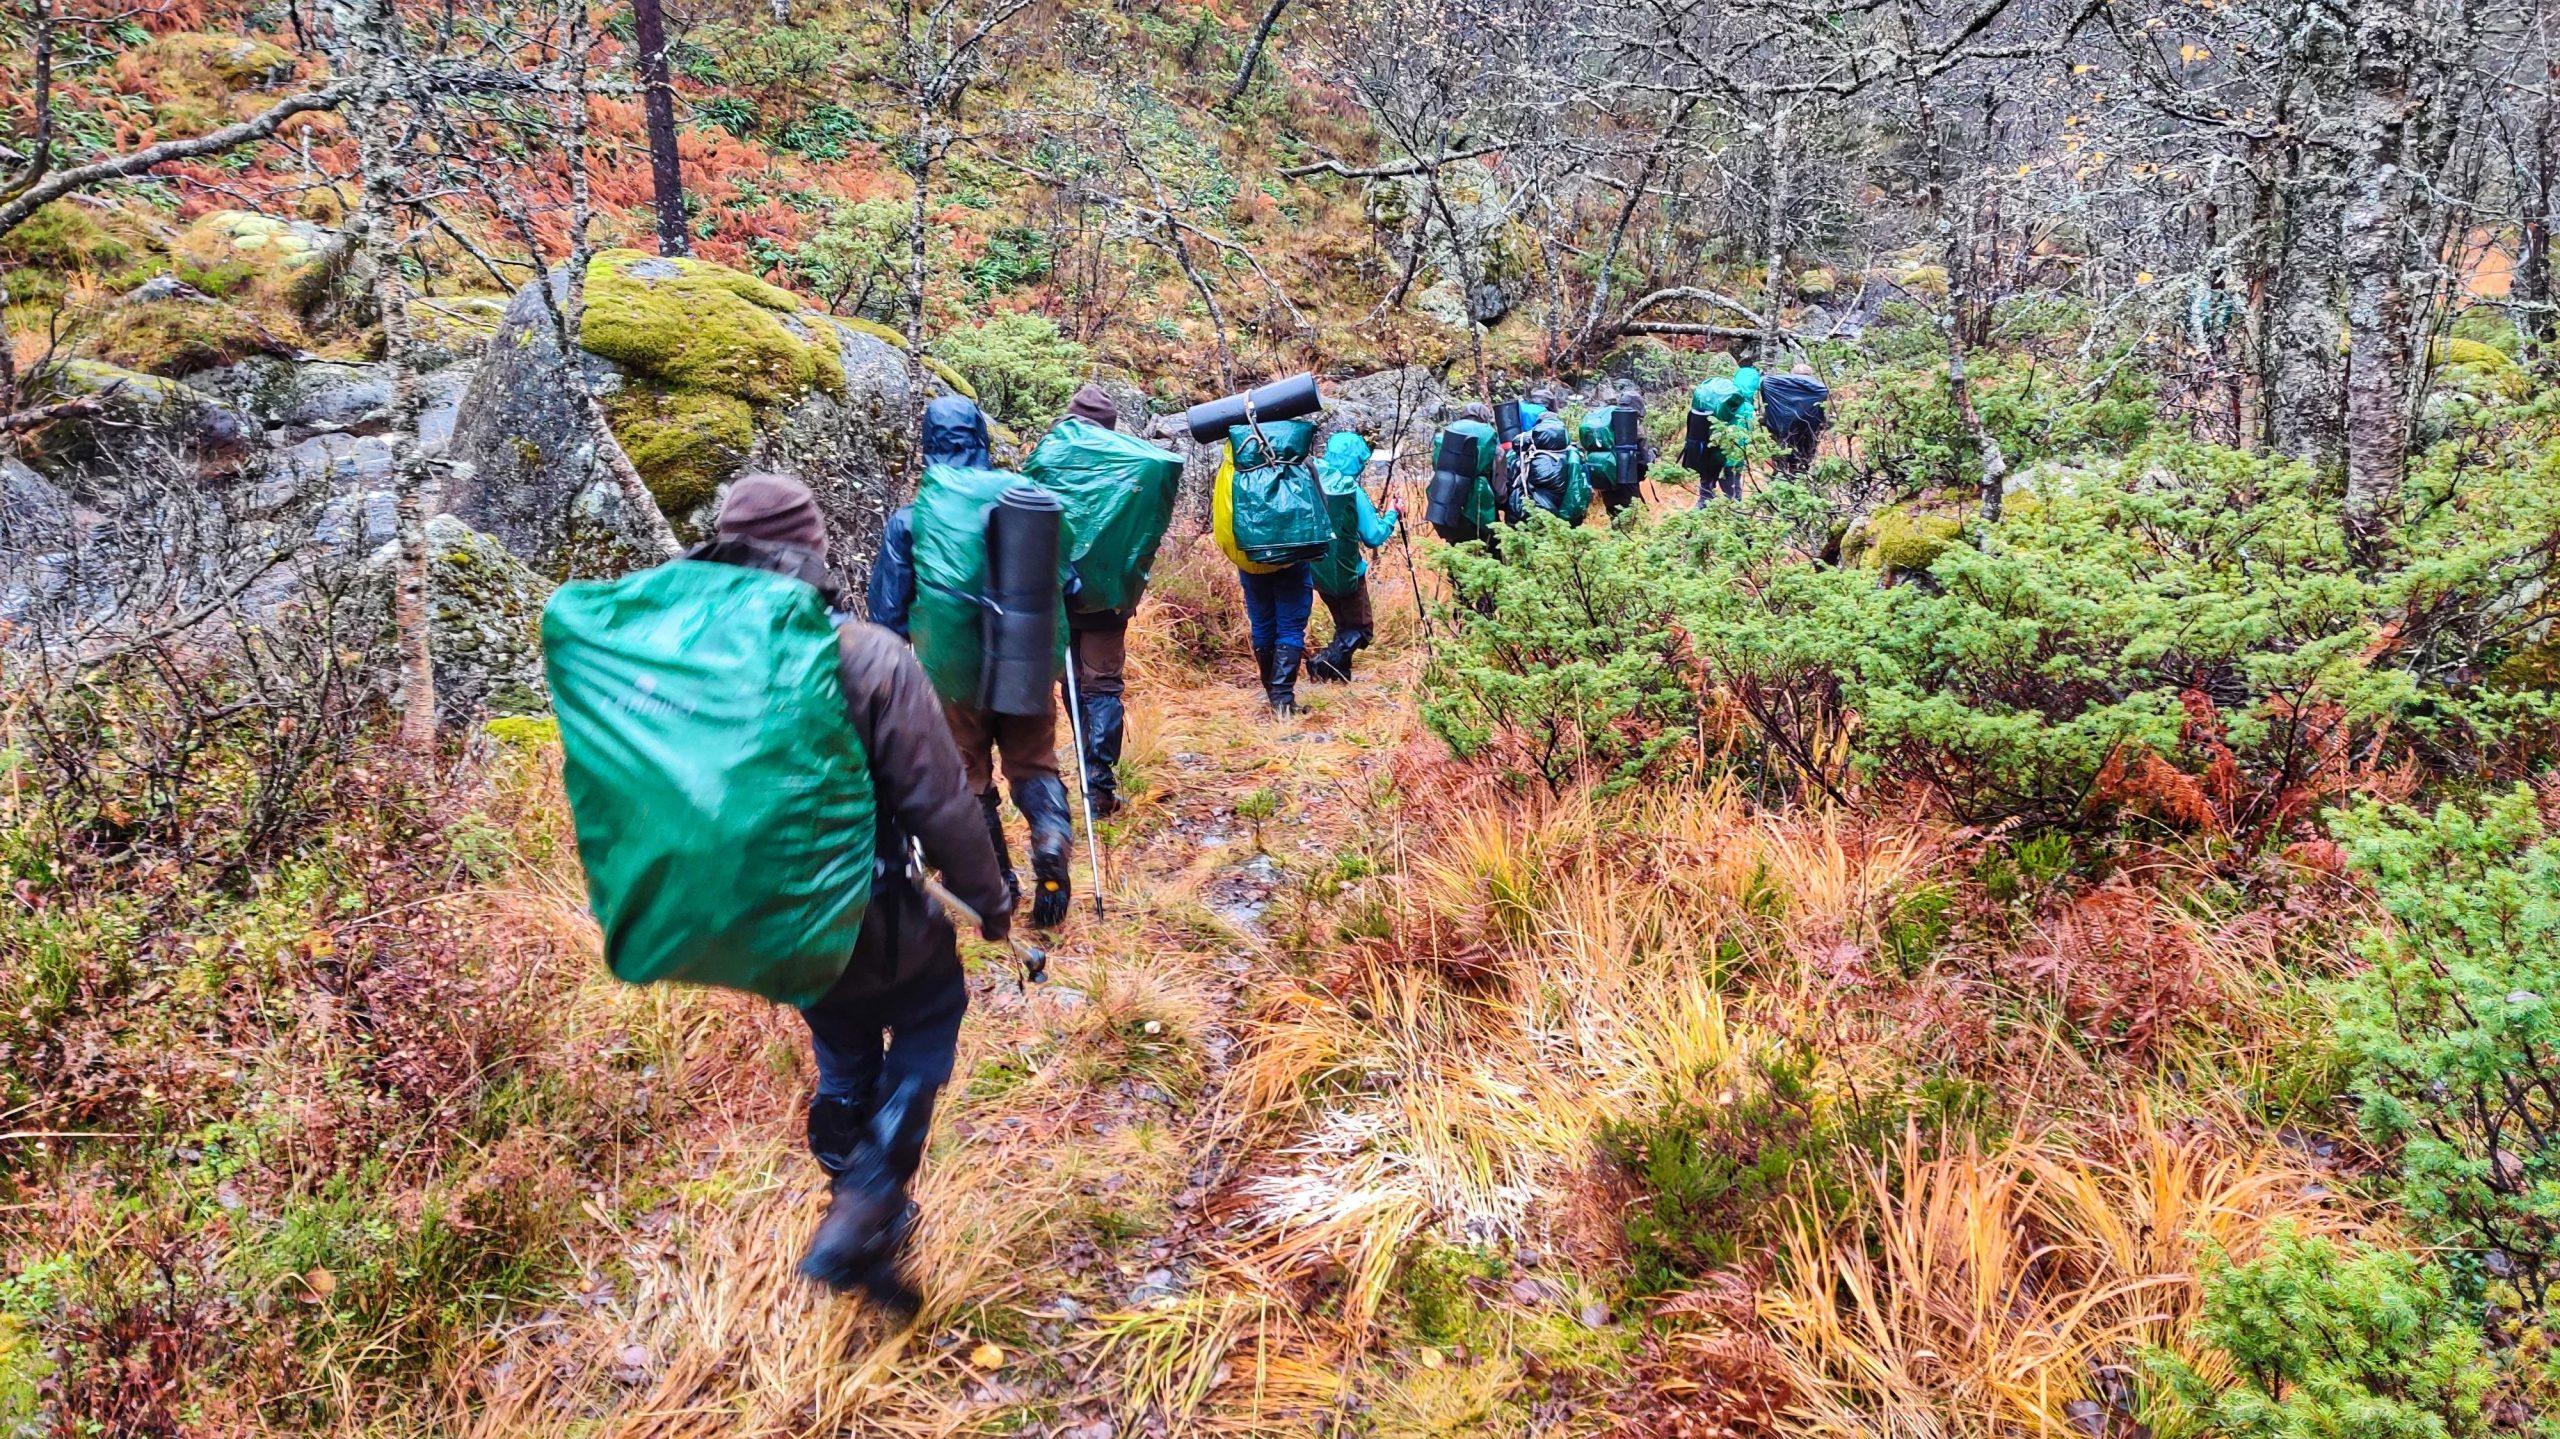 Gruppe Jugendlicher in Regenkleidung beim Wandern durch den Wald